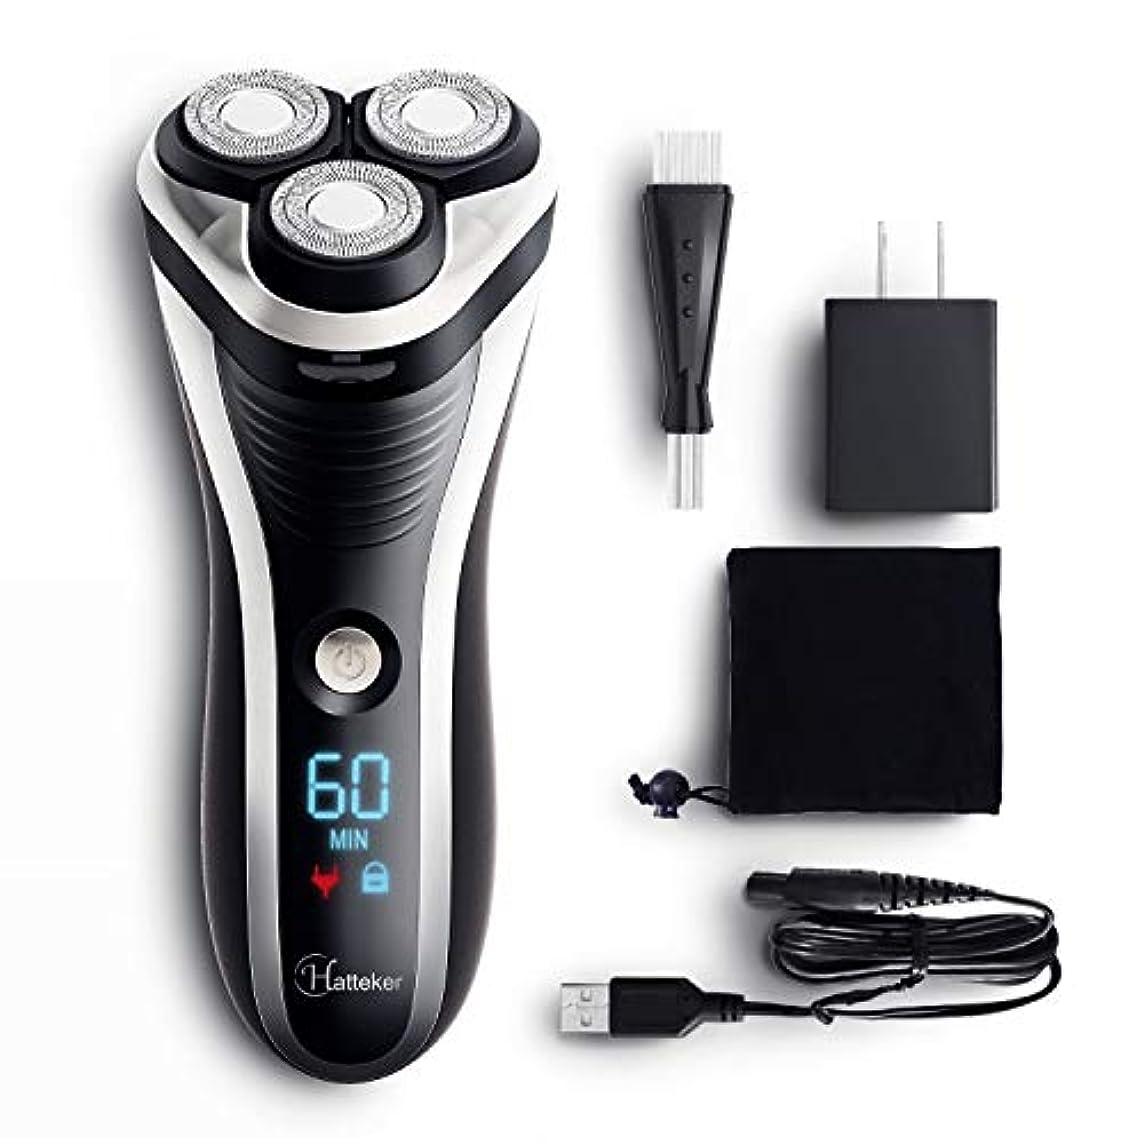 はちみつ根拠我慢するHATTEKER 電気シェーバー 髭剃り メンズ シェイバー ひげそり 回転式 もみあげ 水洗いOK ウエット·ドライ剃り USB充電式· 交流式 LEDディスプレイ(一年間保証)